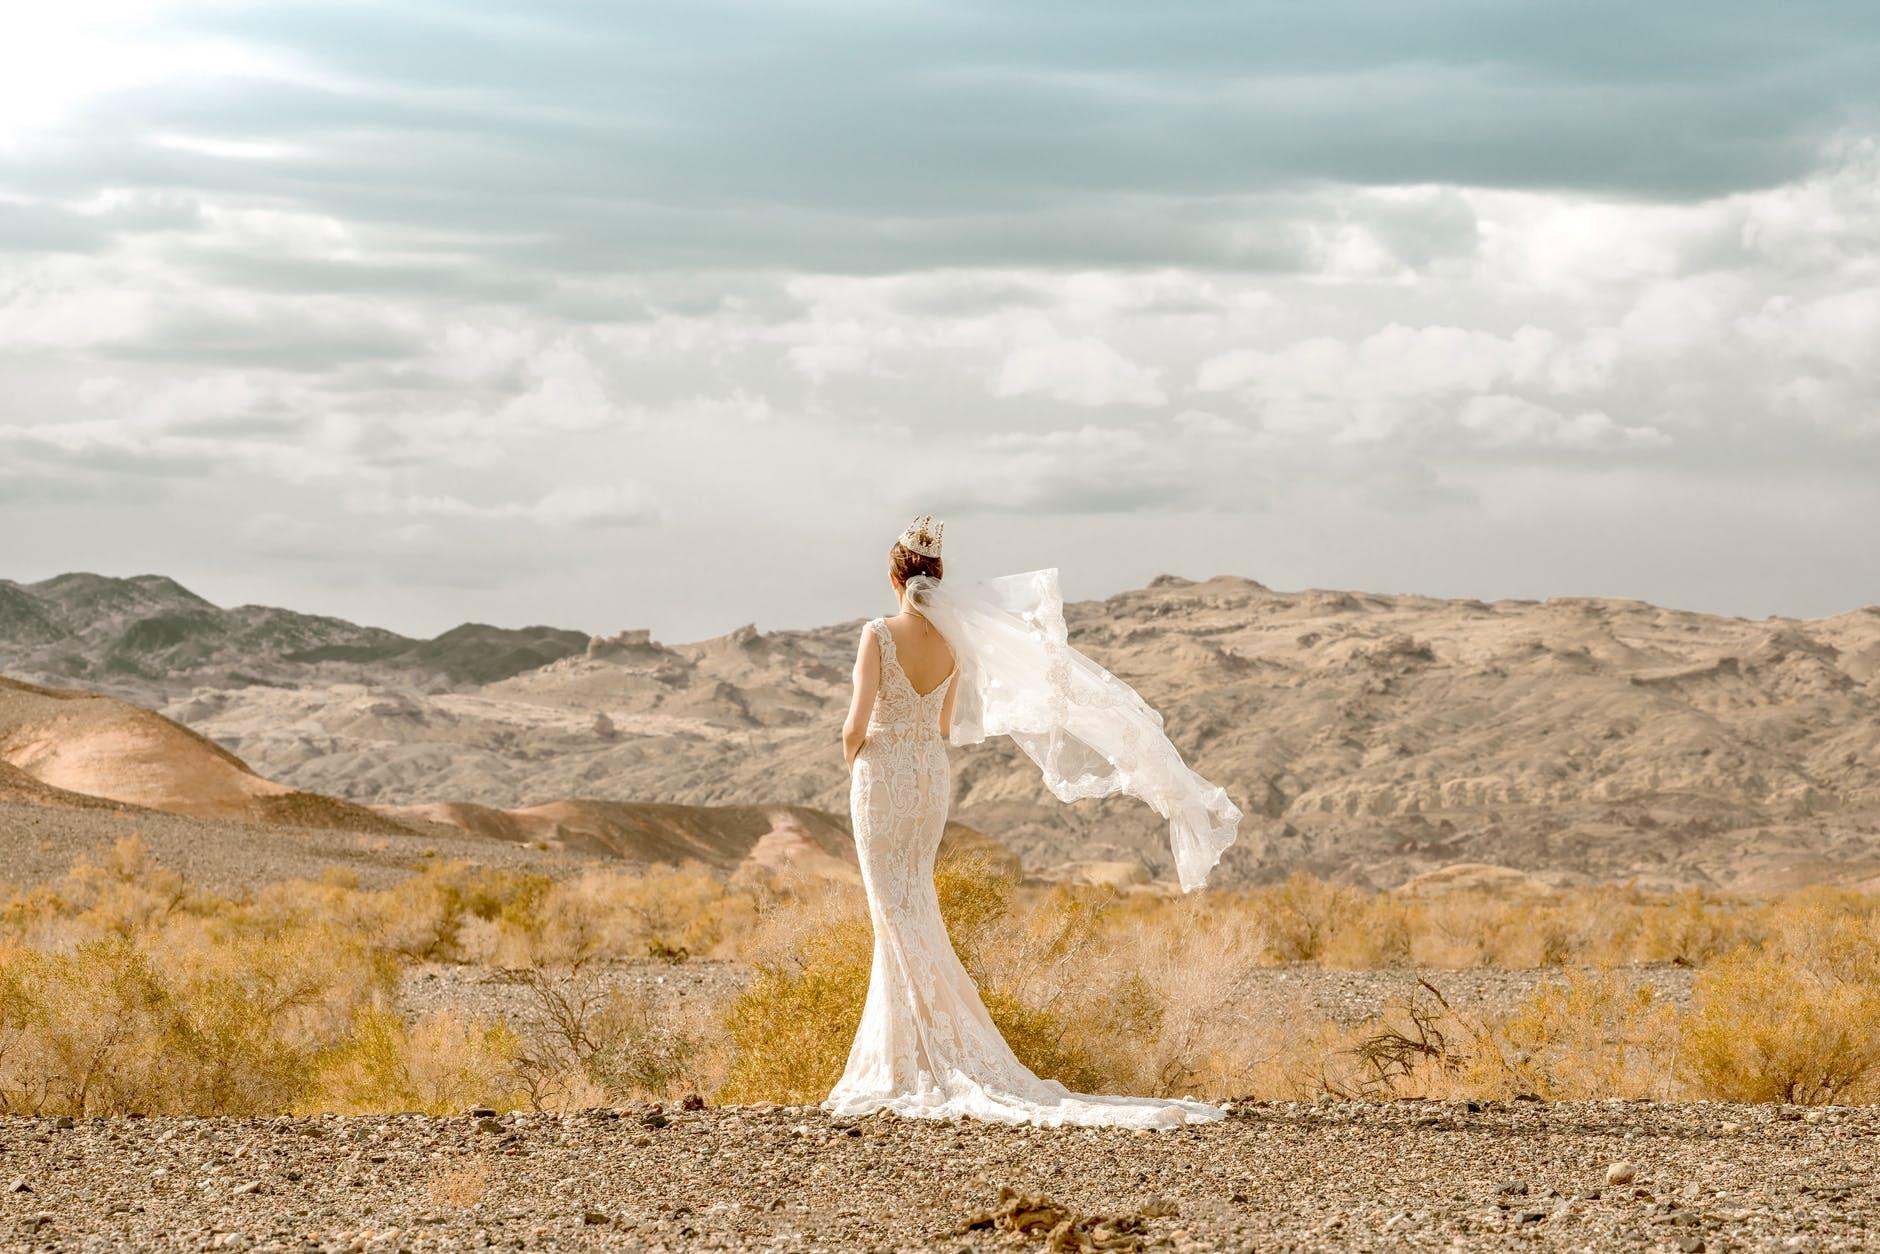 bride in wedding dress standing in wilderness